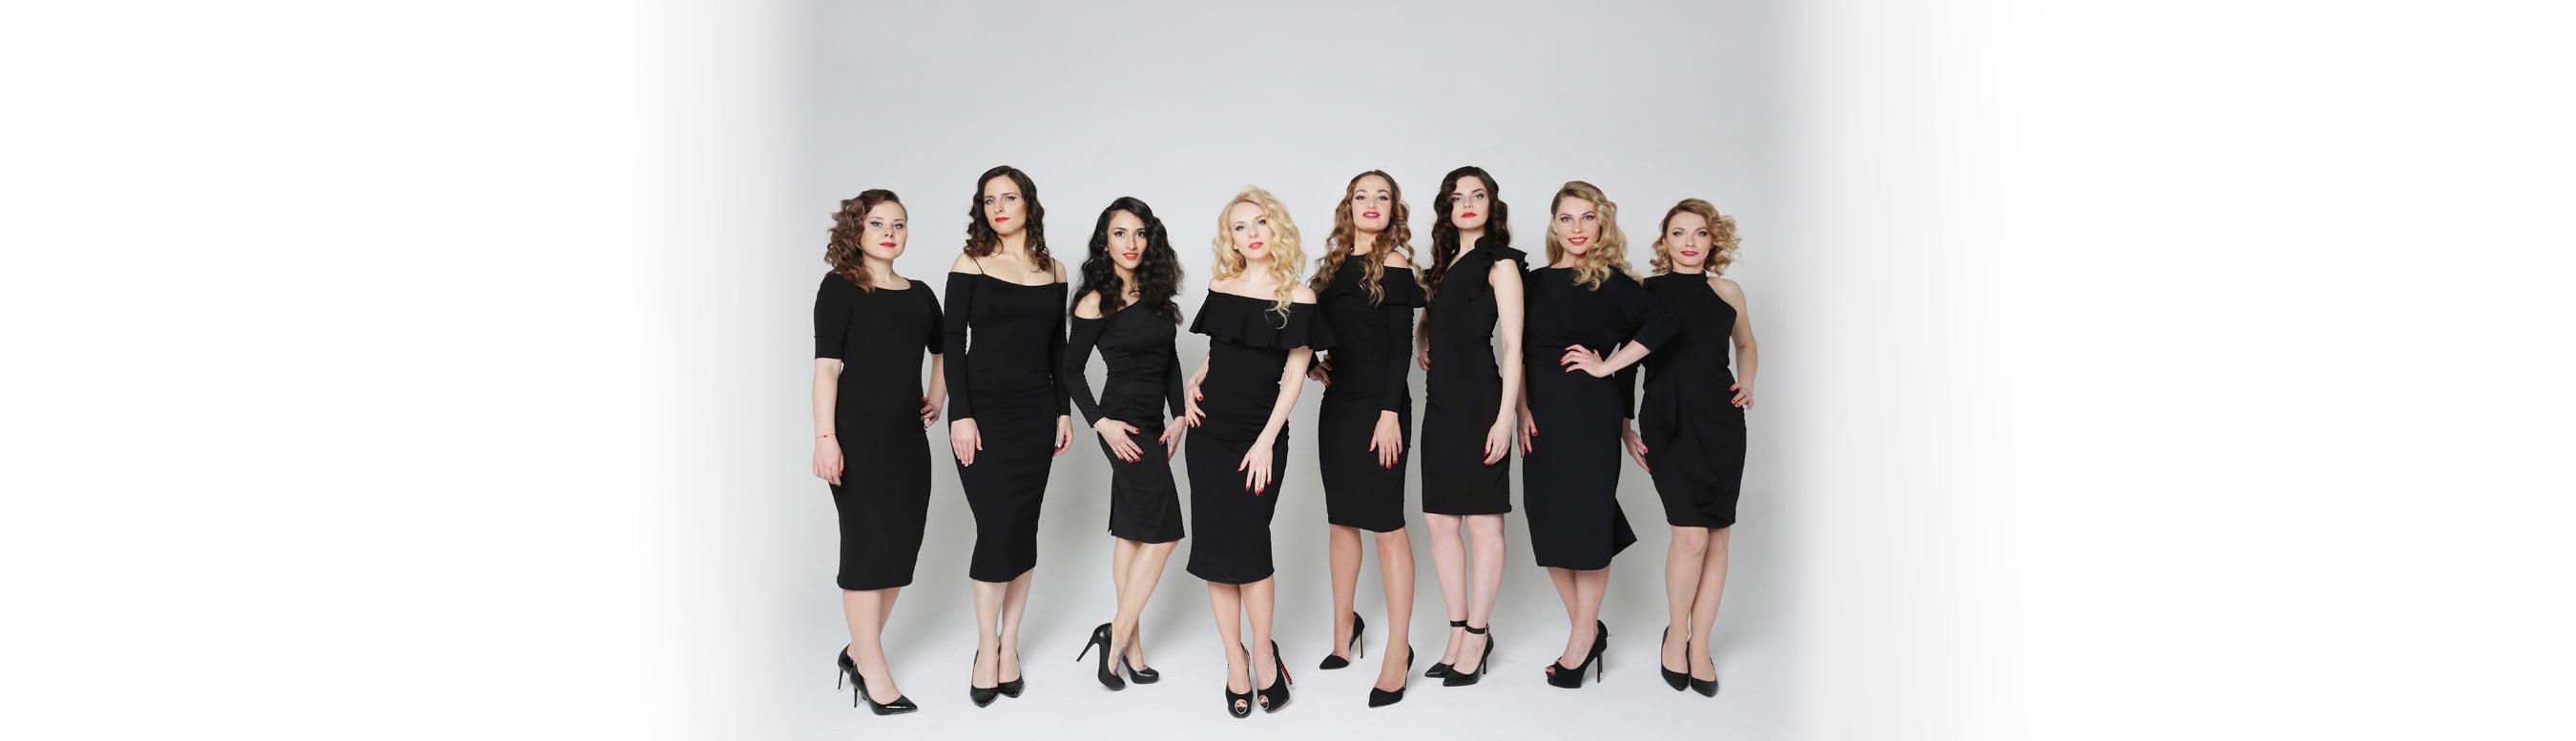 Выступление кавер-группы Women's band Ш.И.К.